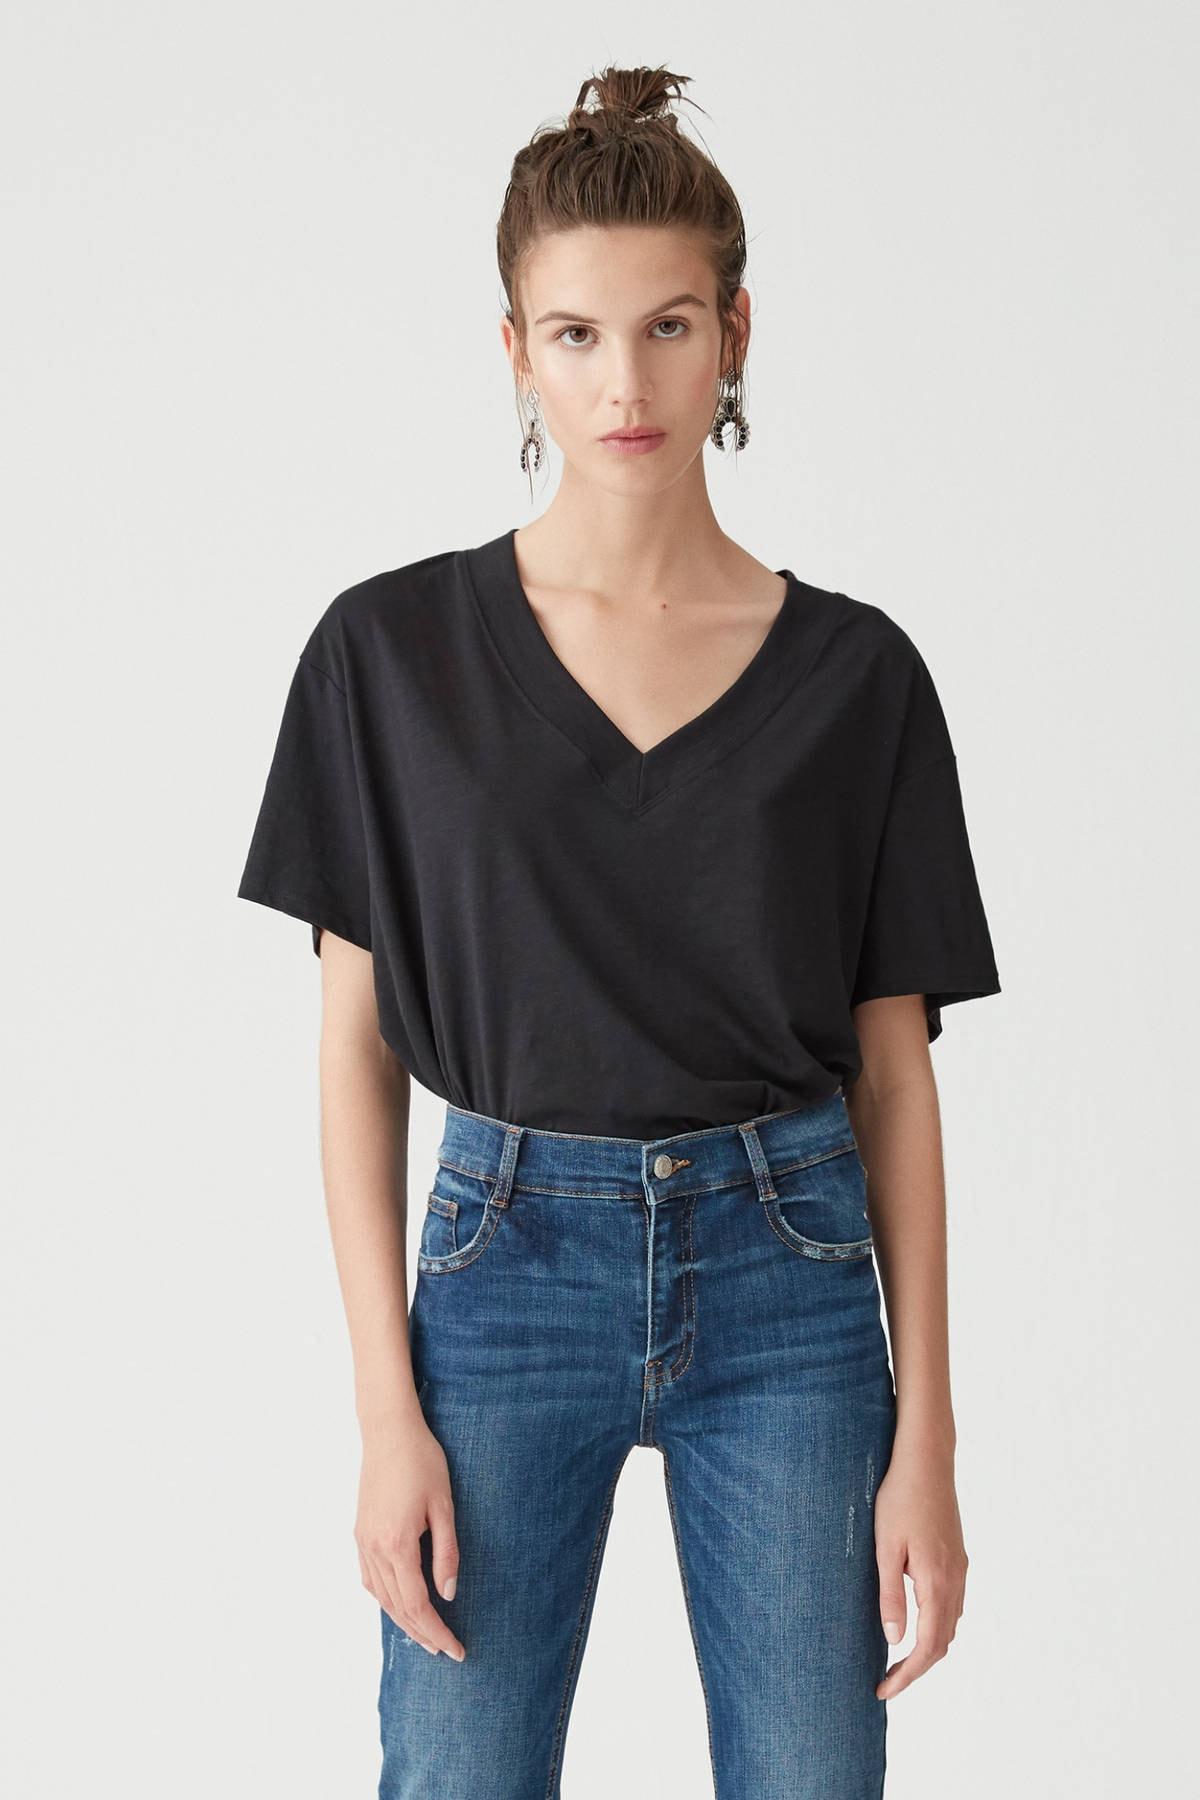 Pull & Bear Kadın Siyah Basic Oversize Düğümlü Örgü T-Shirt 05236324